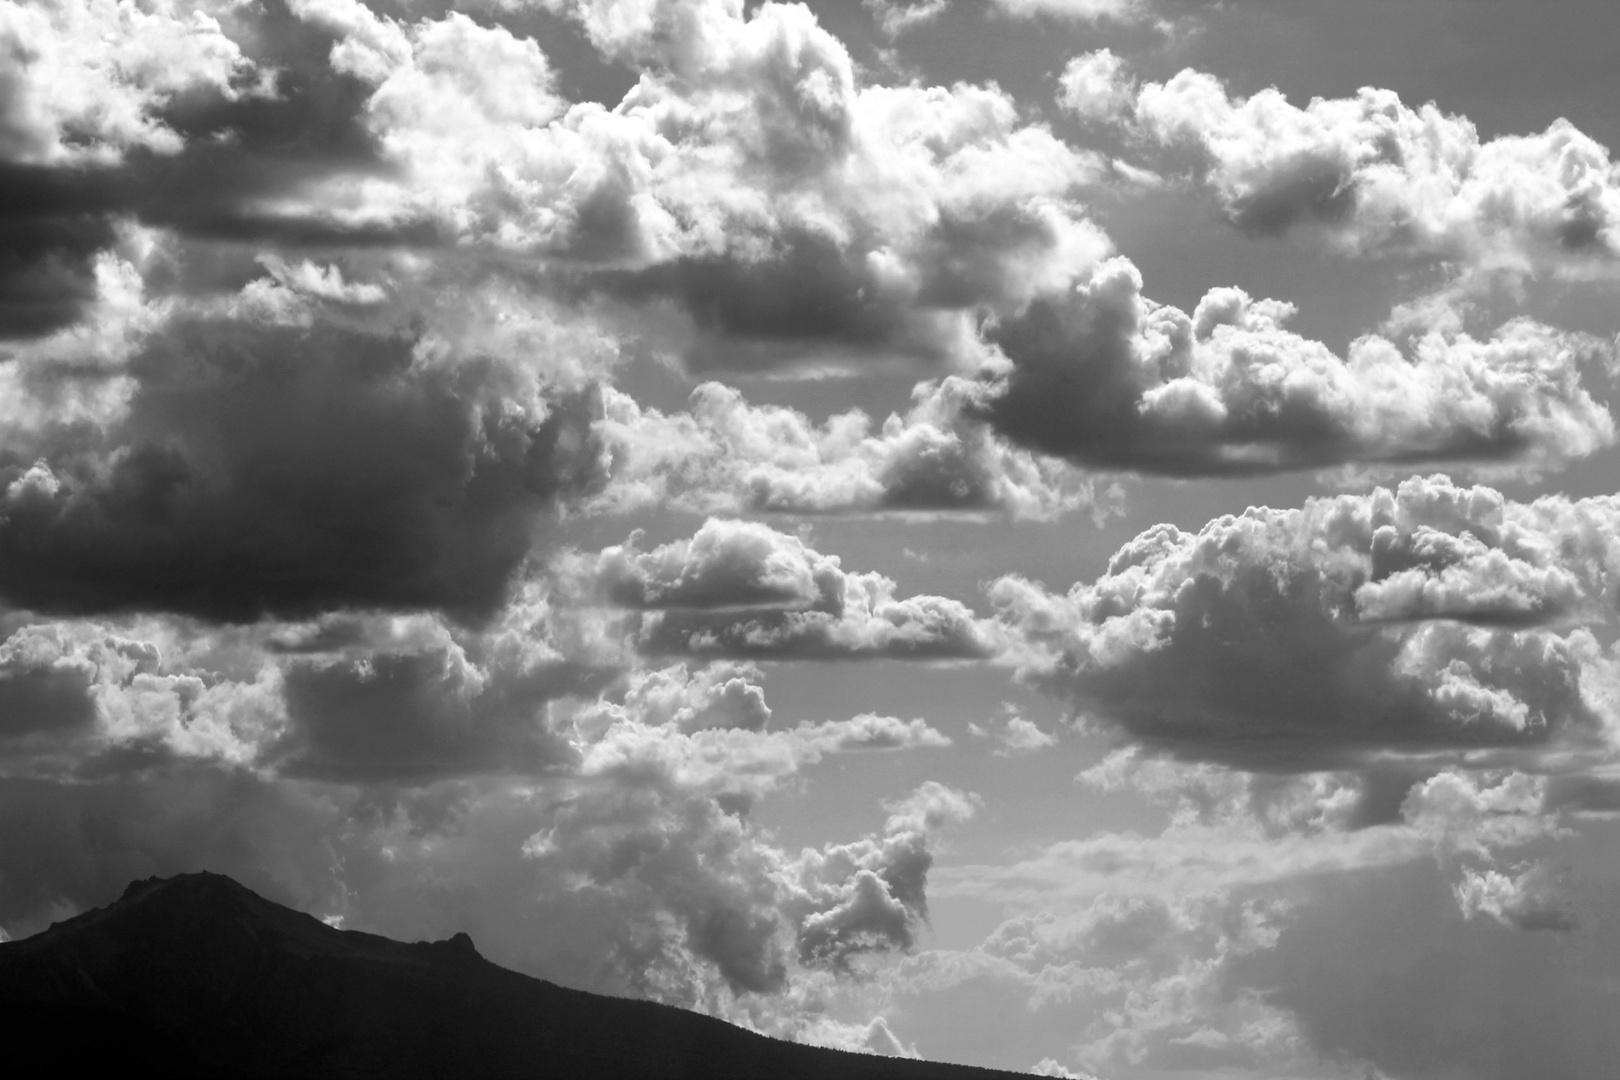 montaña y nubes